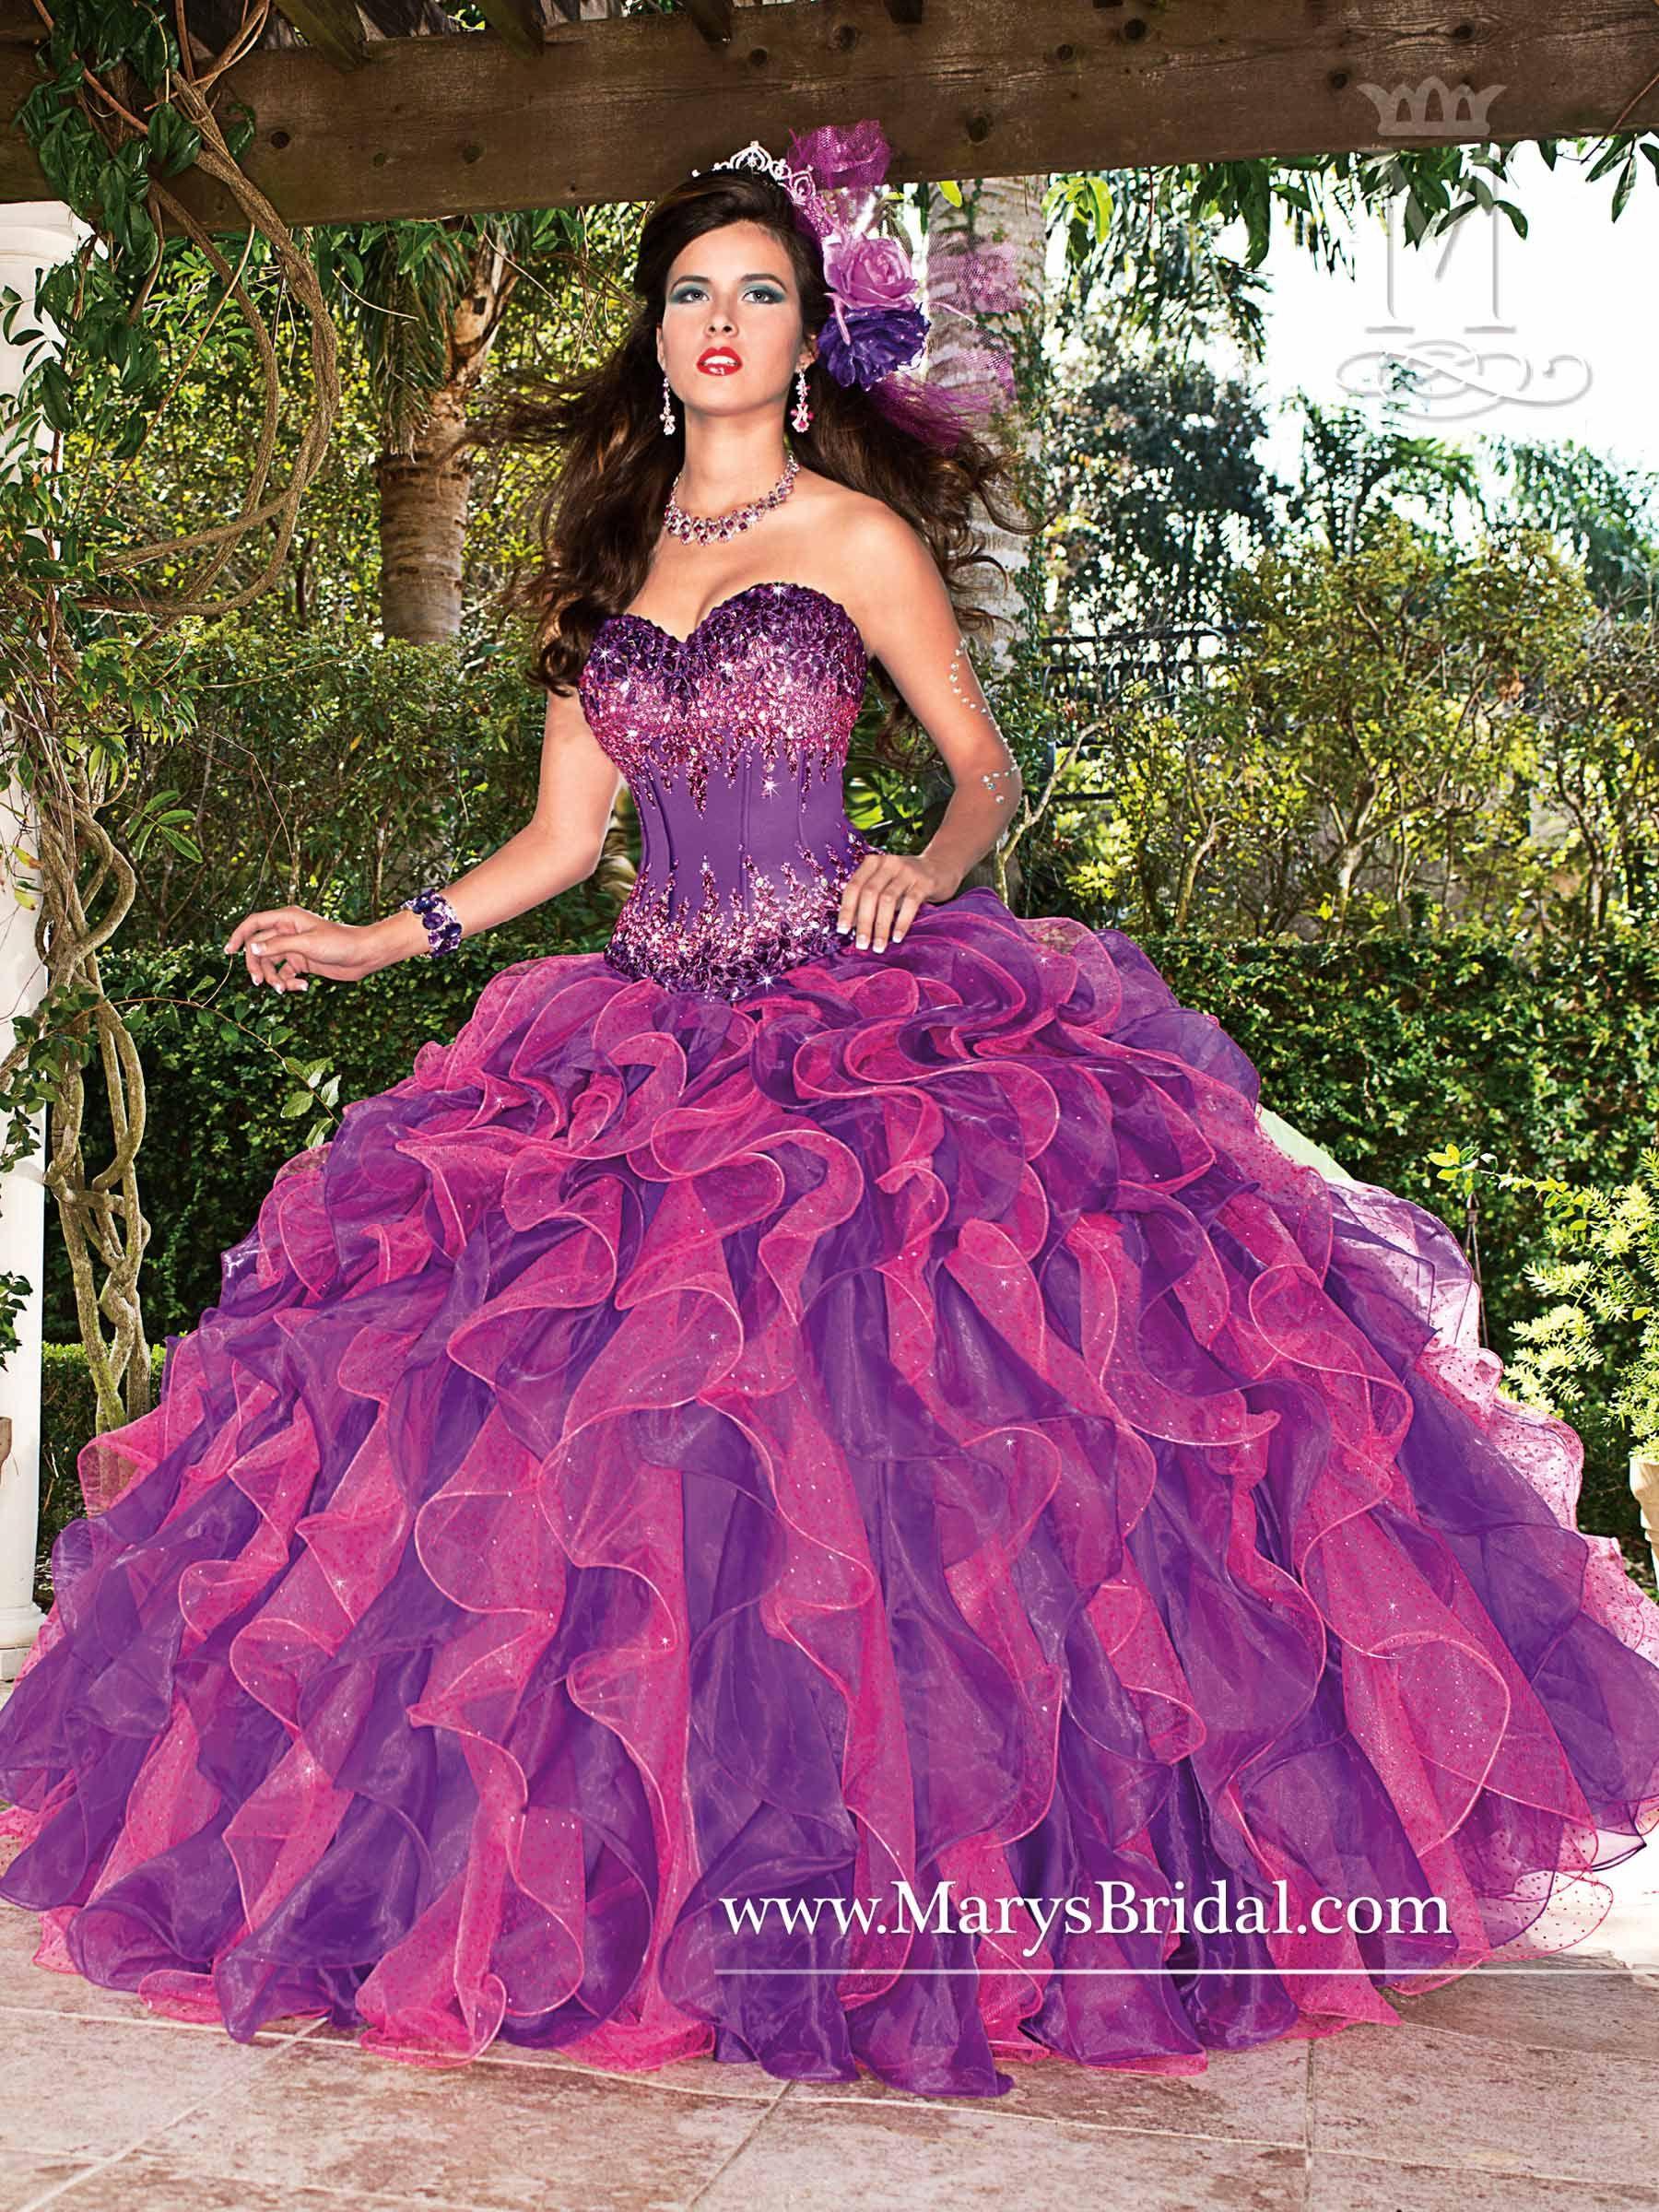 Dorable Bonitos Vestidos De Fiesta Uk Ilustración - Vestido de Novia ...